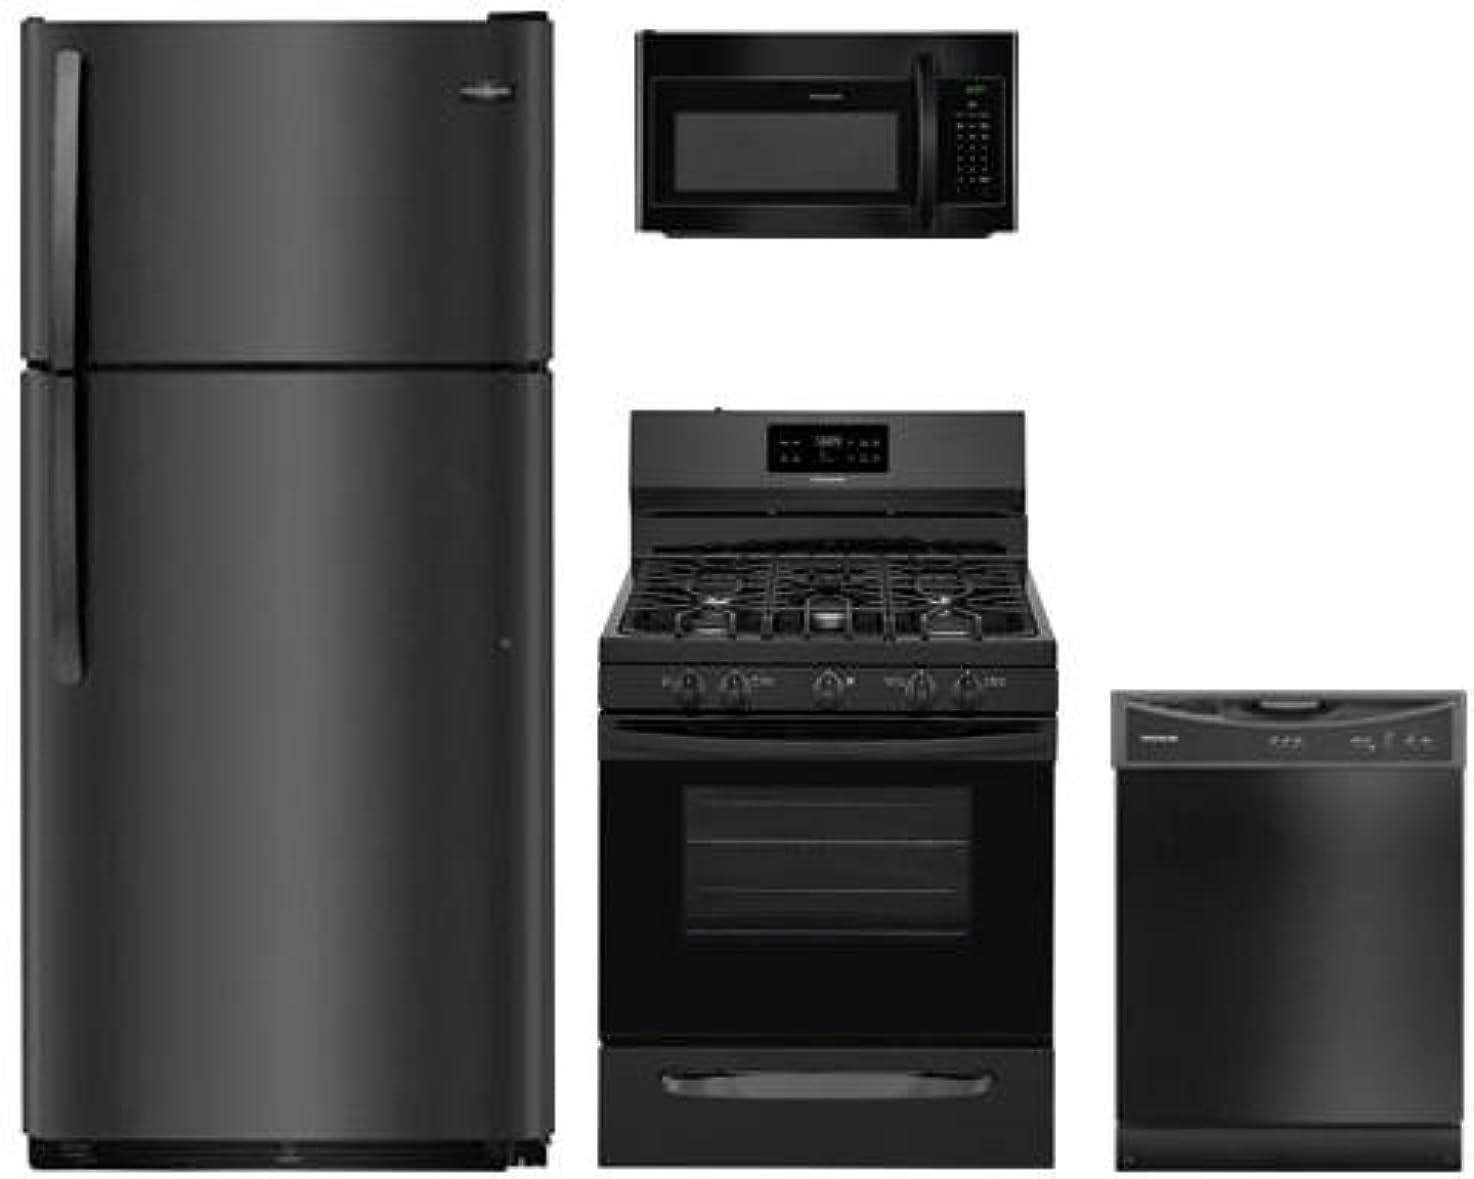 4-Piece Black Kitchen Package FFTR1821TB 30